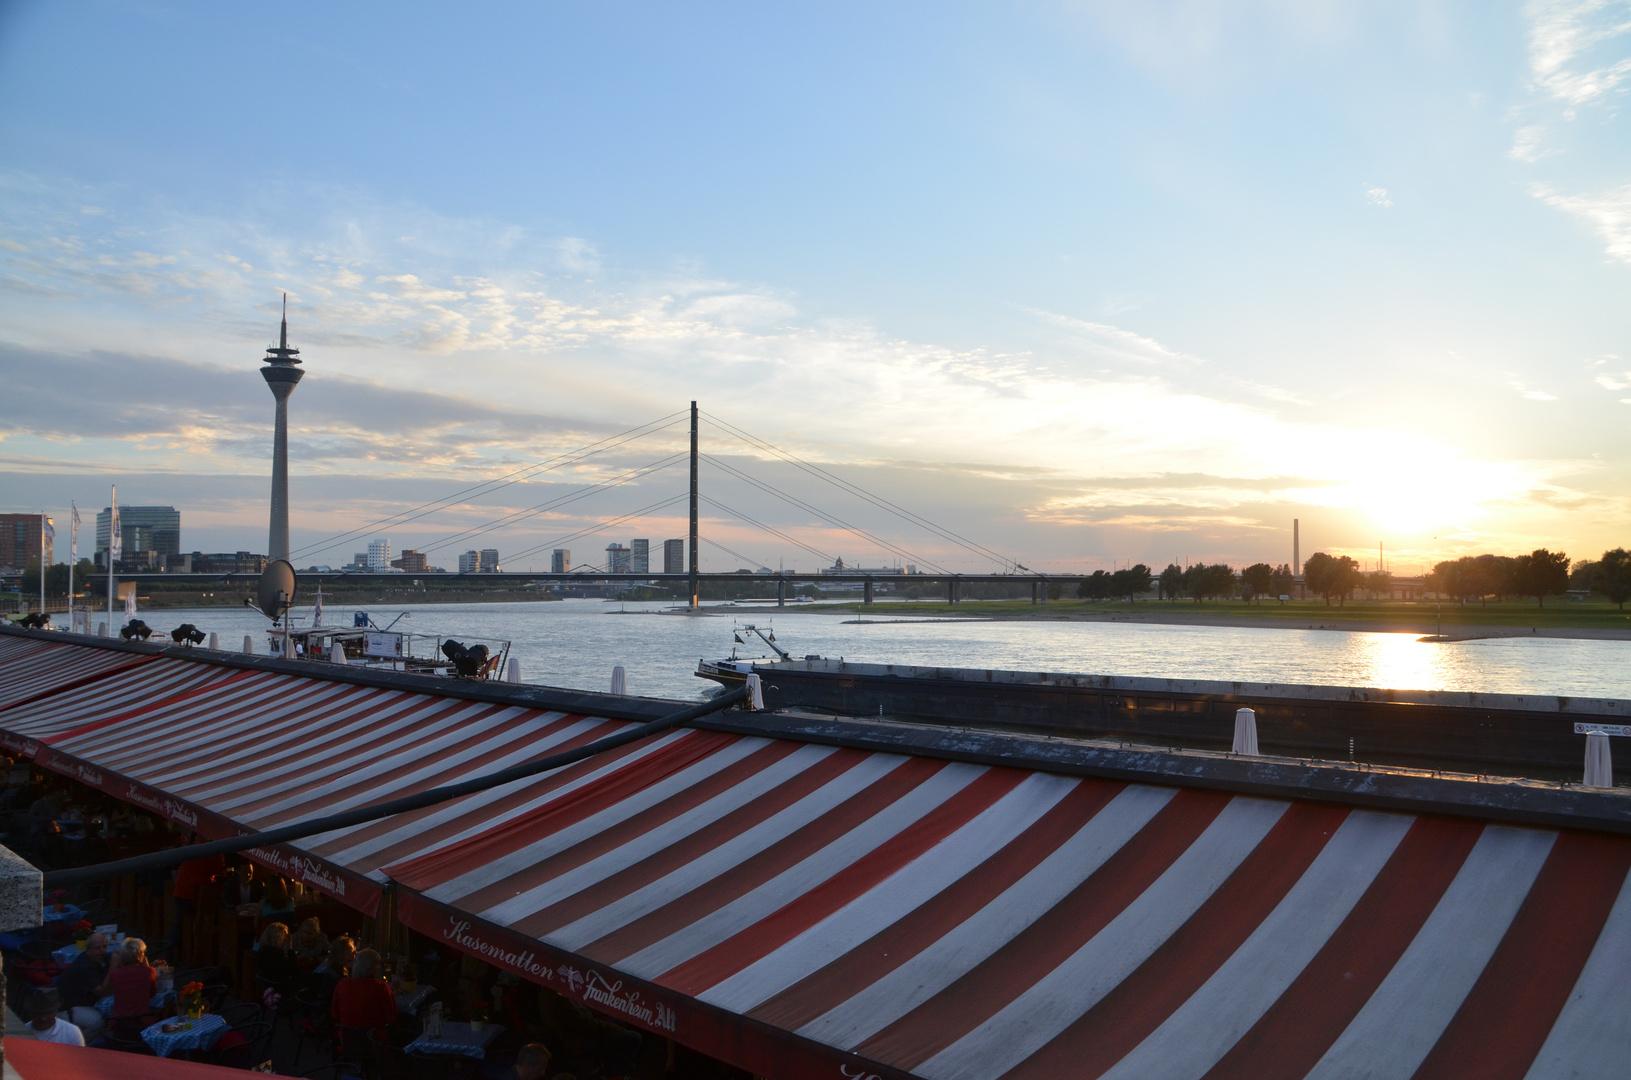 Sonnenuntergang an den Kasematten mit Blick auf den Medienhafen